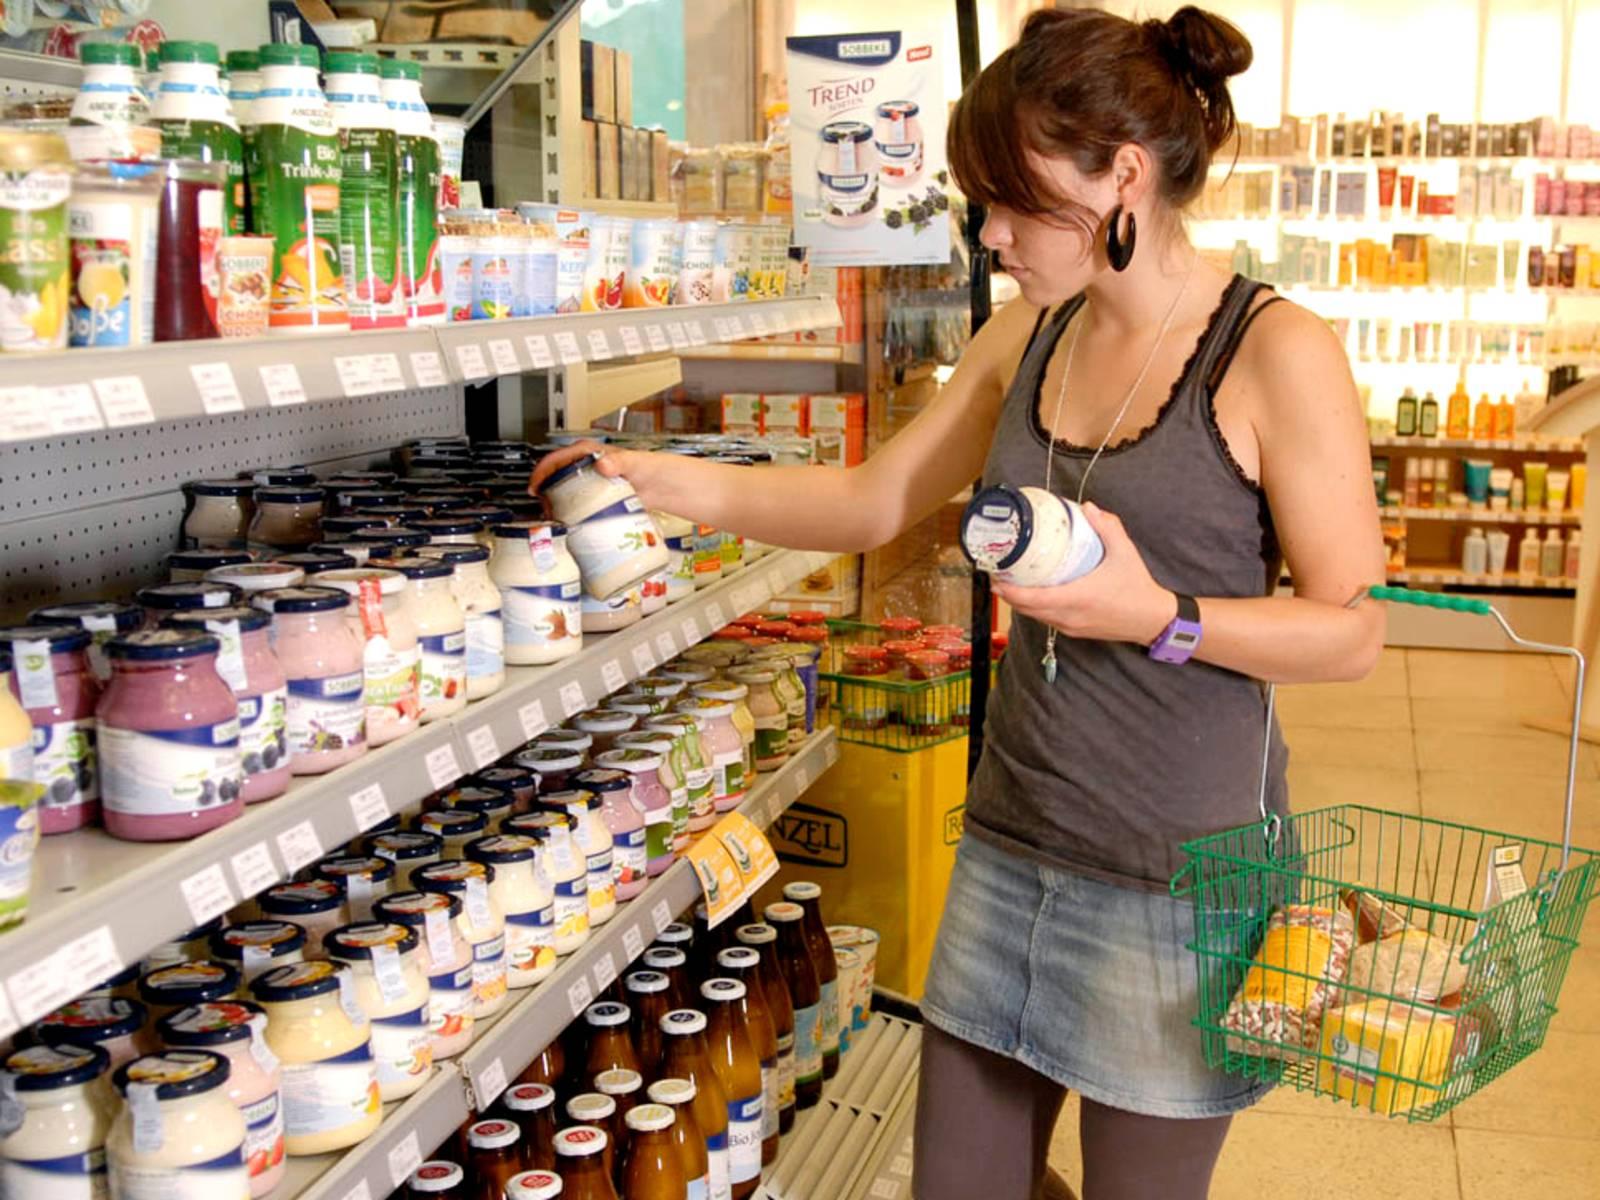 Eine junge Frau am Kühlregal eines Supermarktes und vergleicht Milchprodukte, am linken Arm trägt sie einen Einkaufskorb.